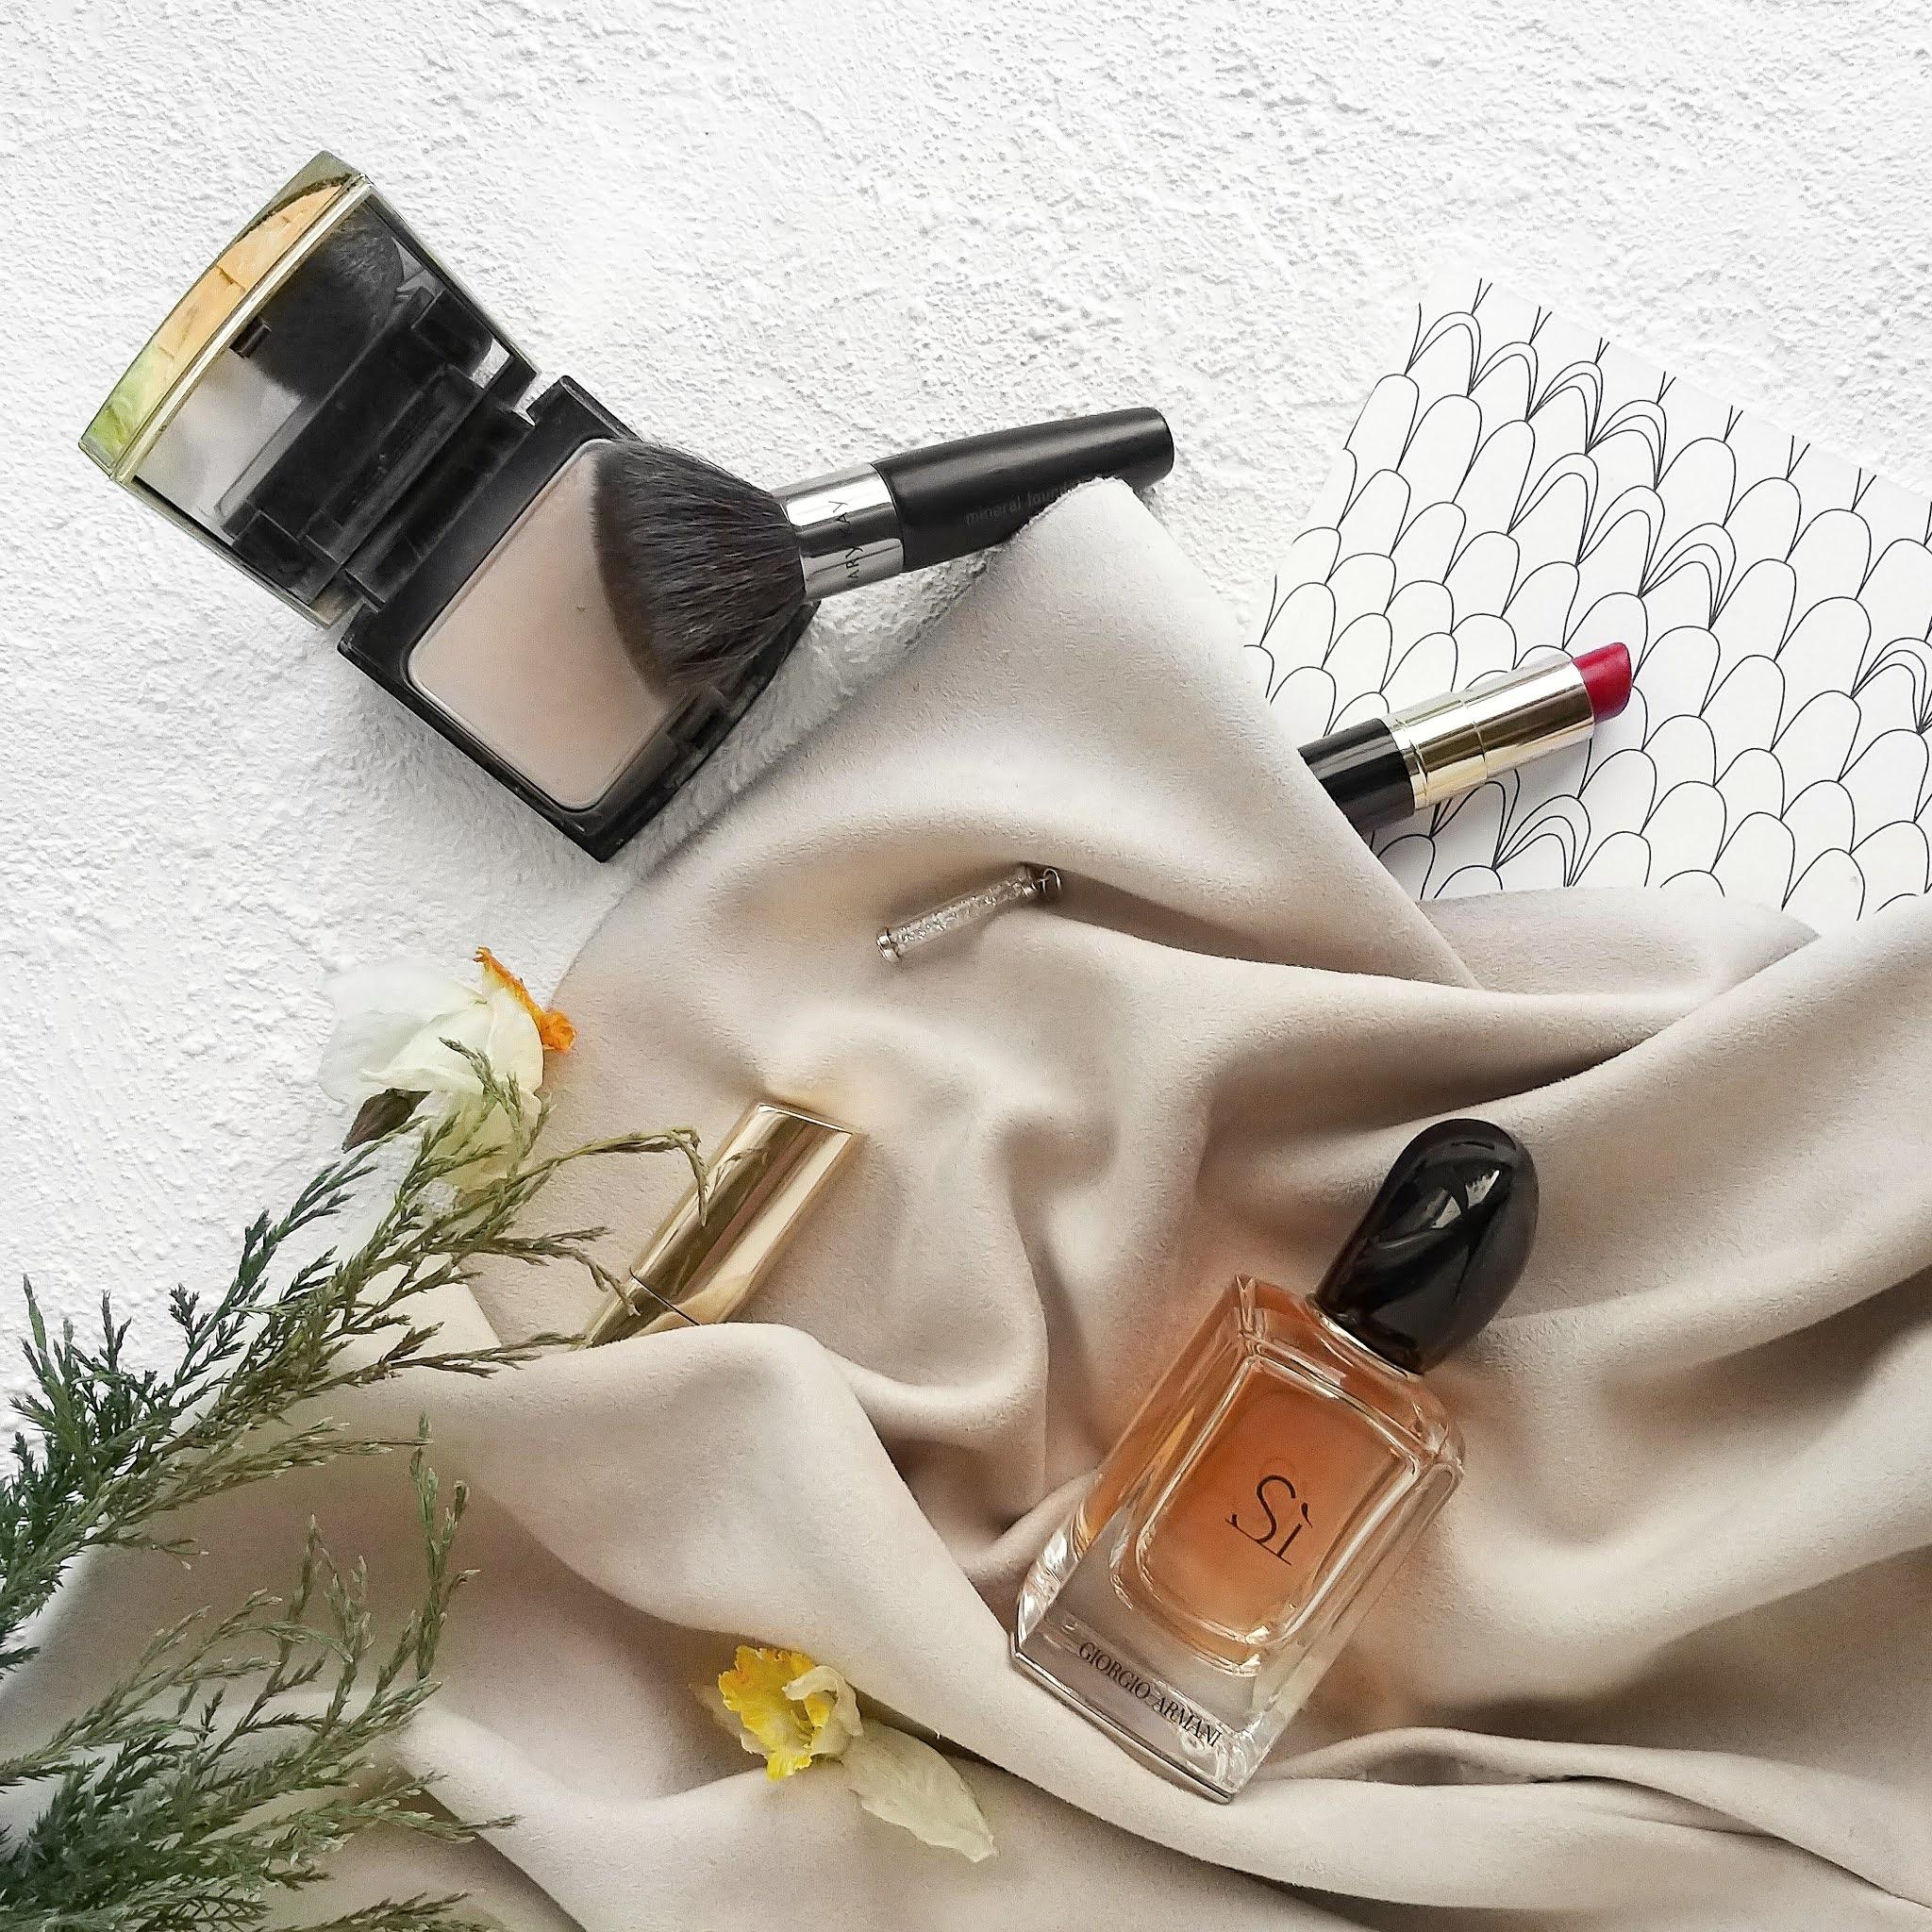 beauty products on floor, perfume, mirror, lipstick